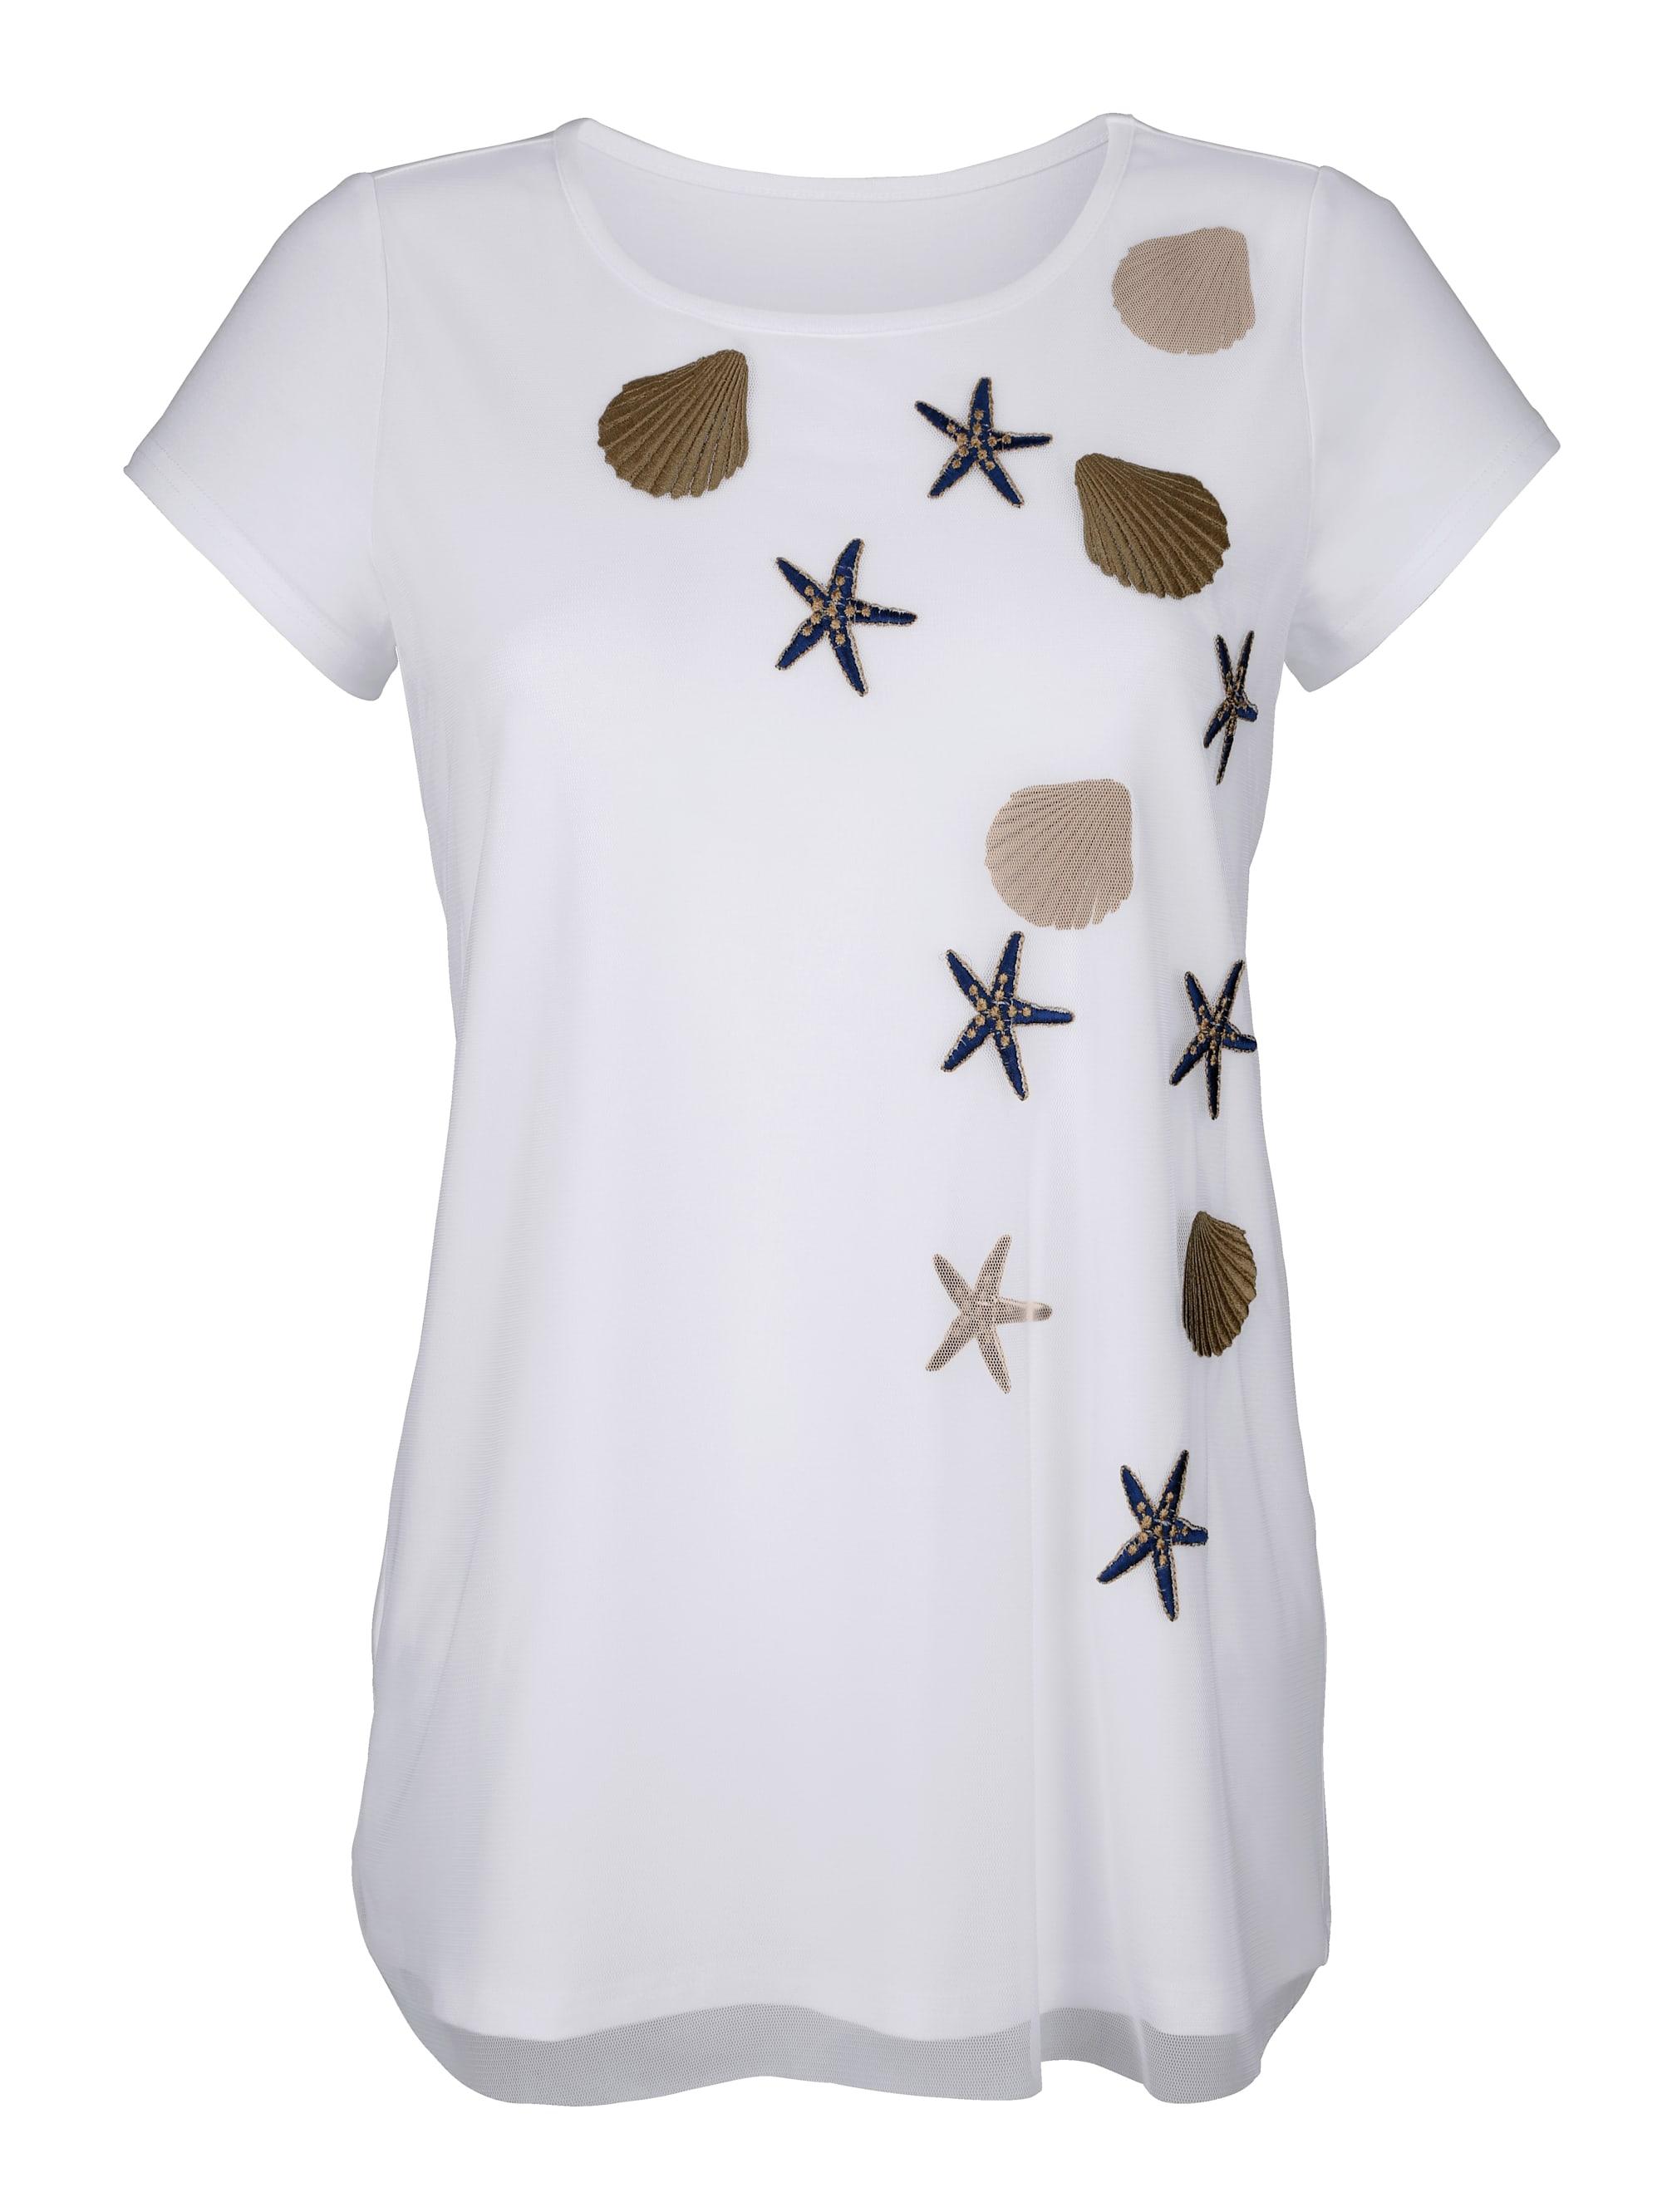 Alba Moda Shirt mit besticktem Vorderteil DUcuJ fn1R8